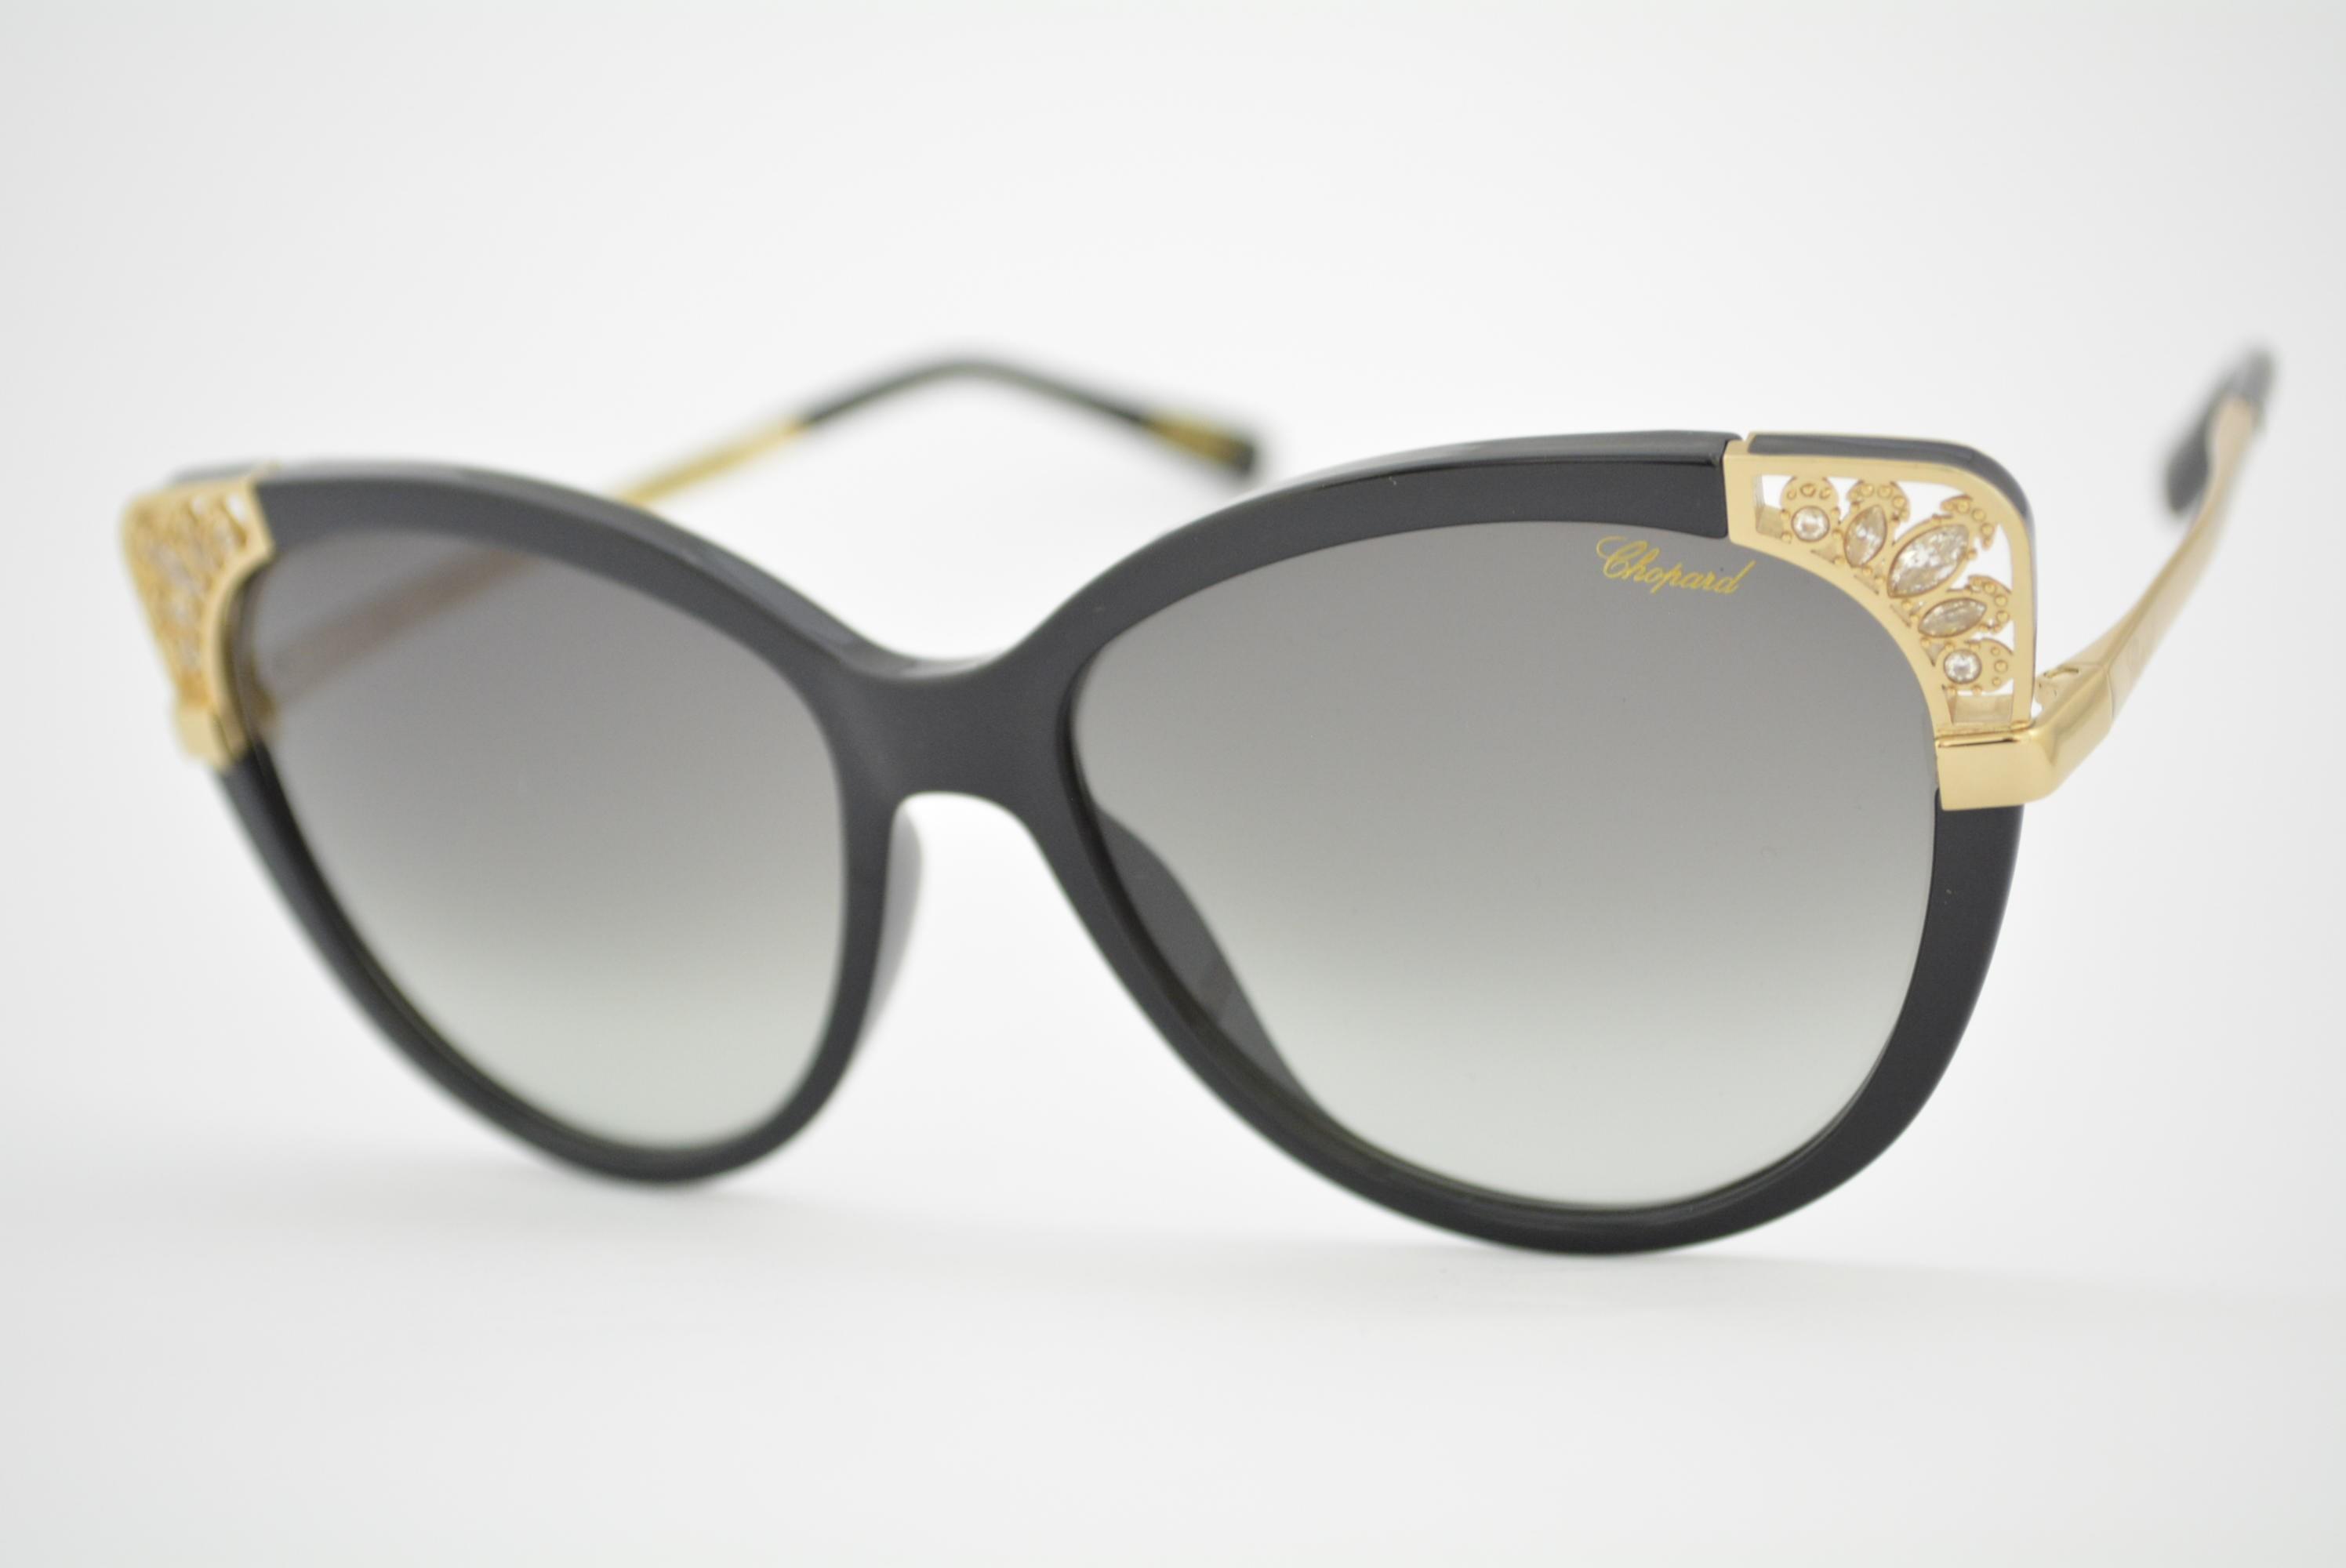 óculos de sol Chopard mod sch233sn 0700